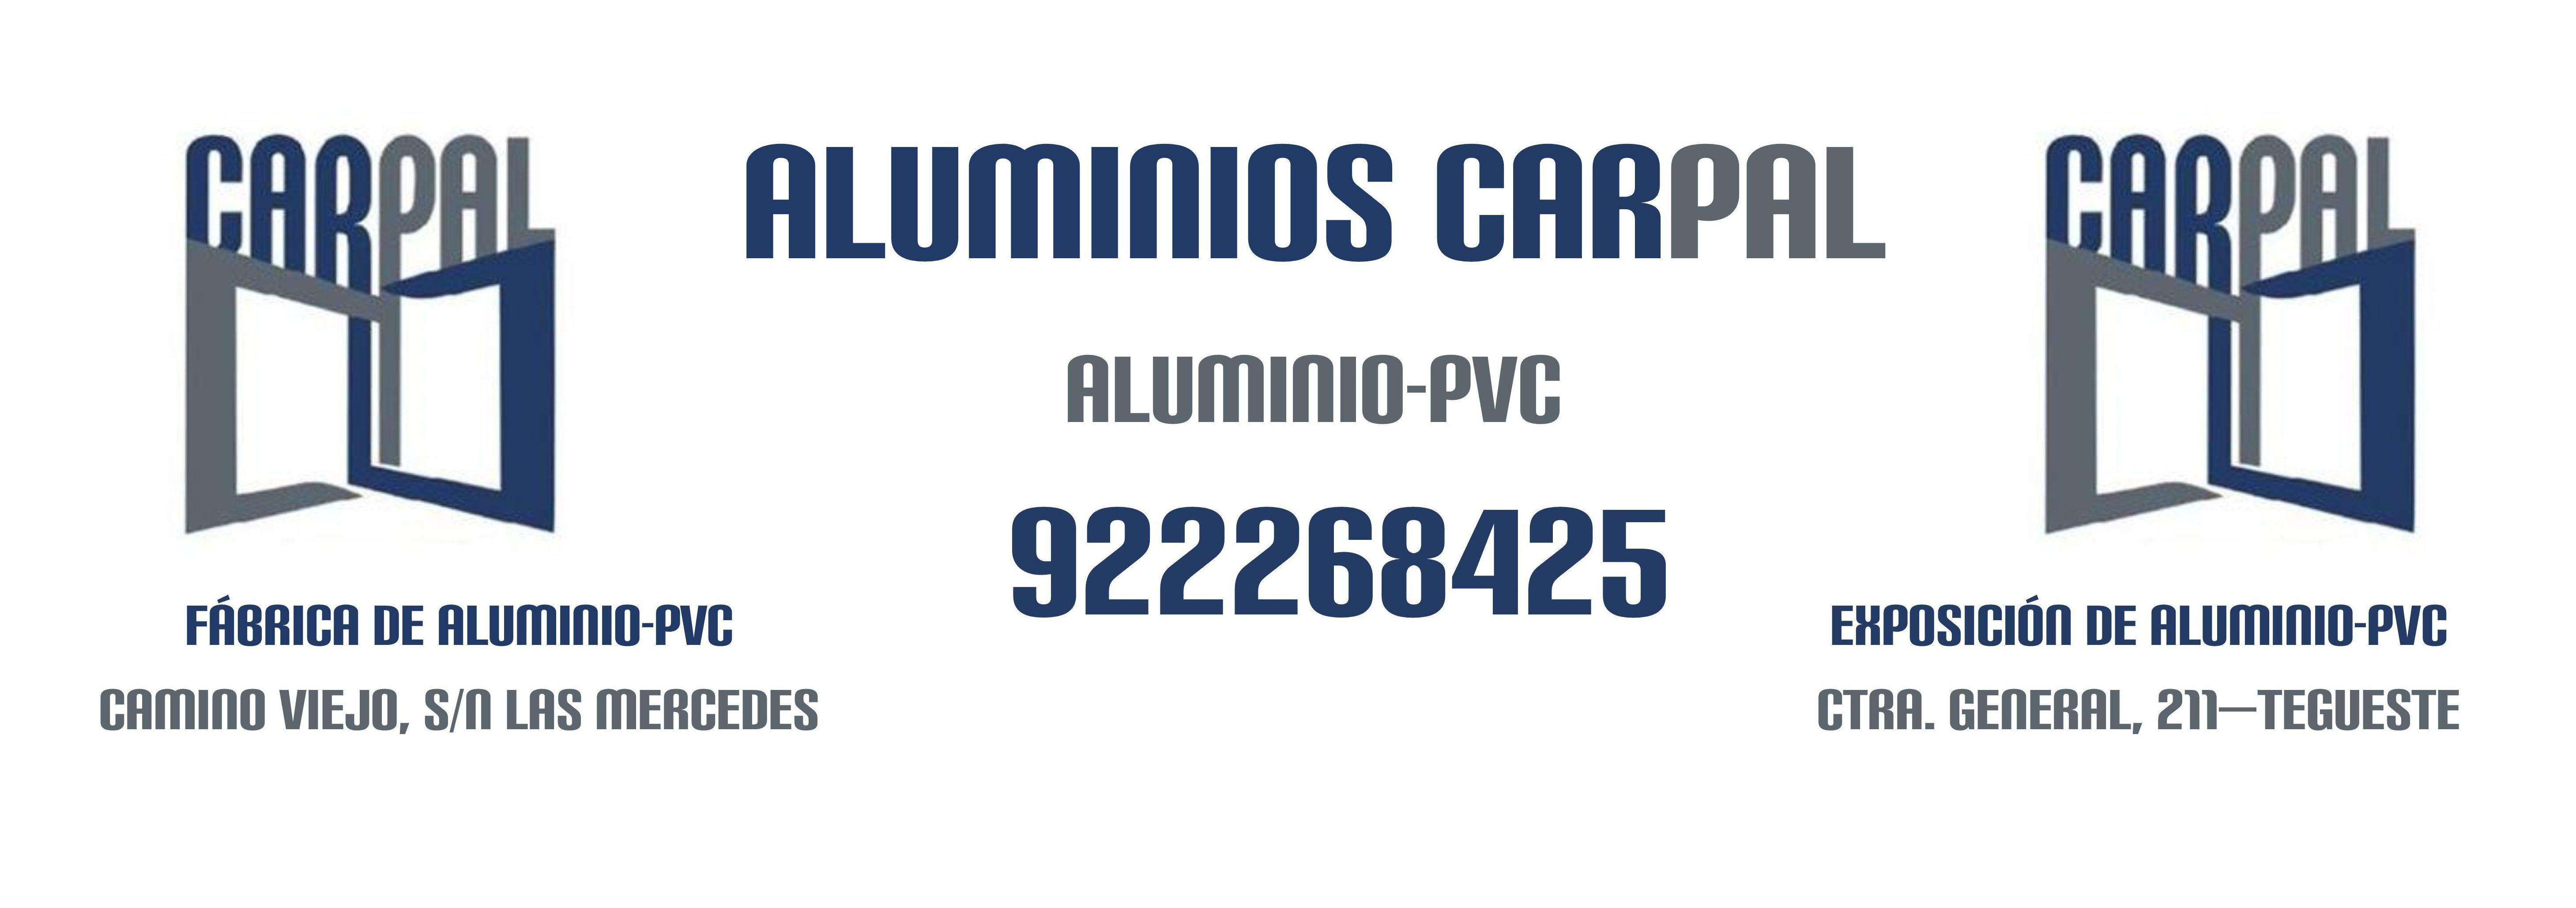 FABRICA ALUMINIOS CARPAL: ALUMINIO - PVC de ALUMINIOS CARPAL